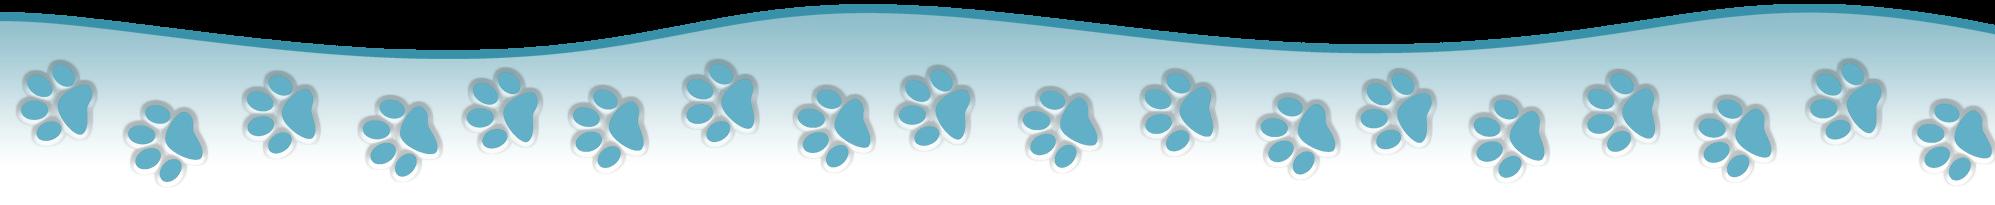 K9 Walking: Dog Walker, Puppy/Home Visits, Dog Taxi - Abingdon - design image